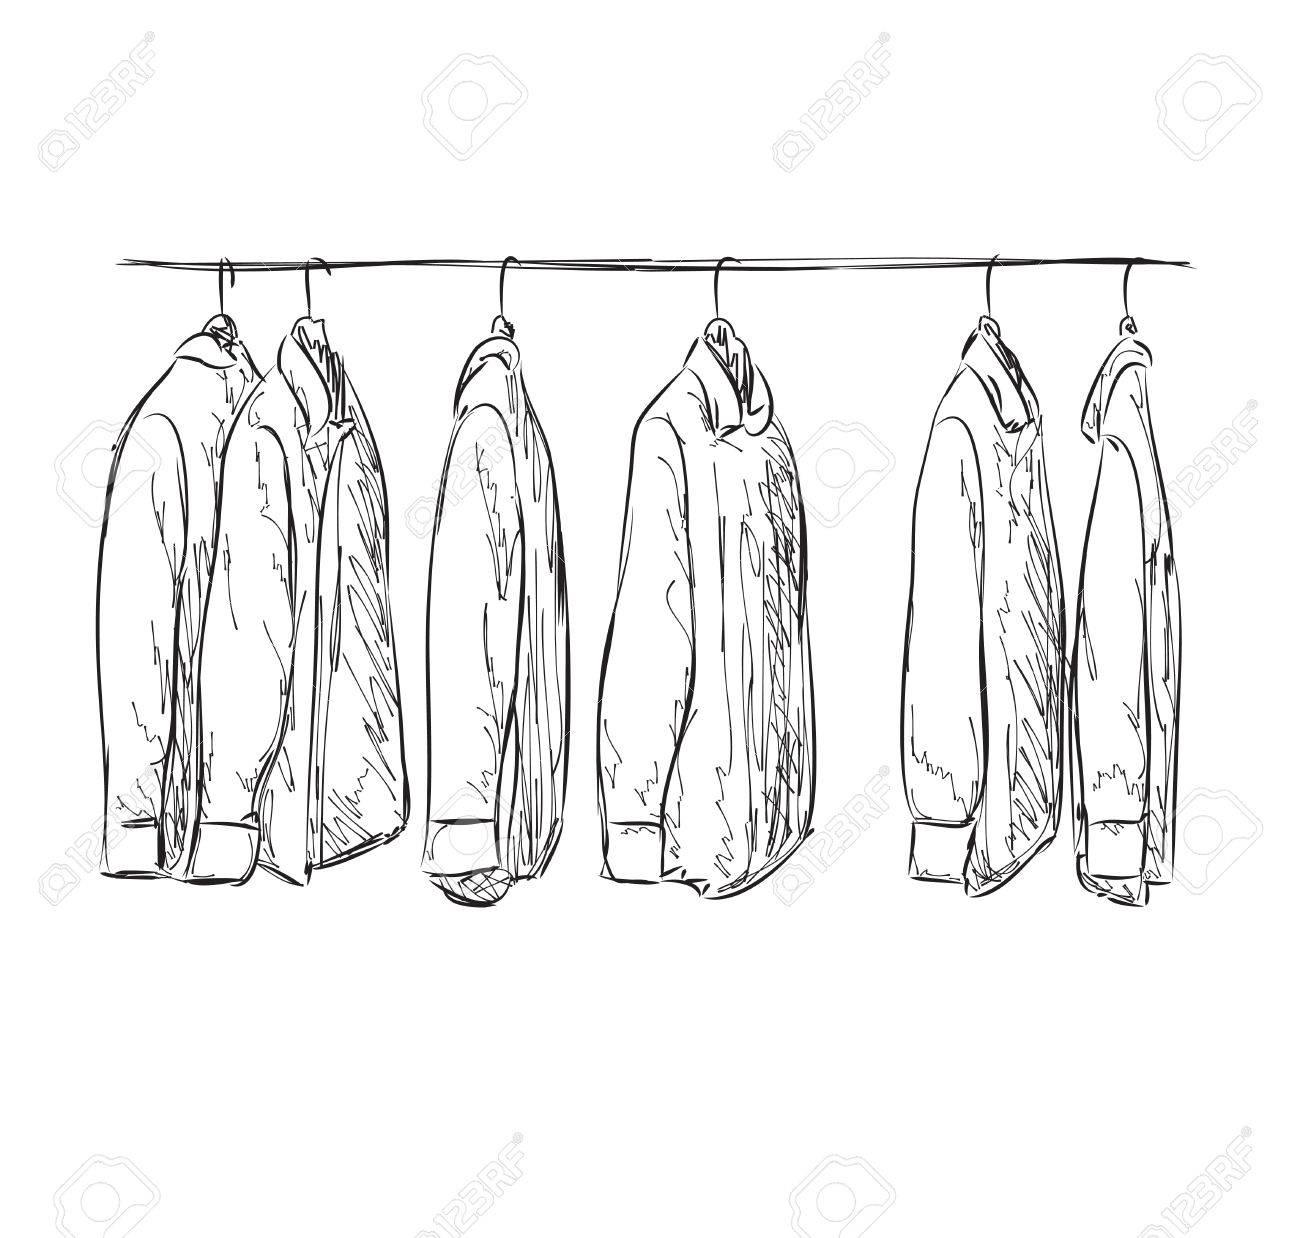 Kleiderschrank gezeichnet  Kleiderständer Clipart | tentfox.com